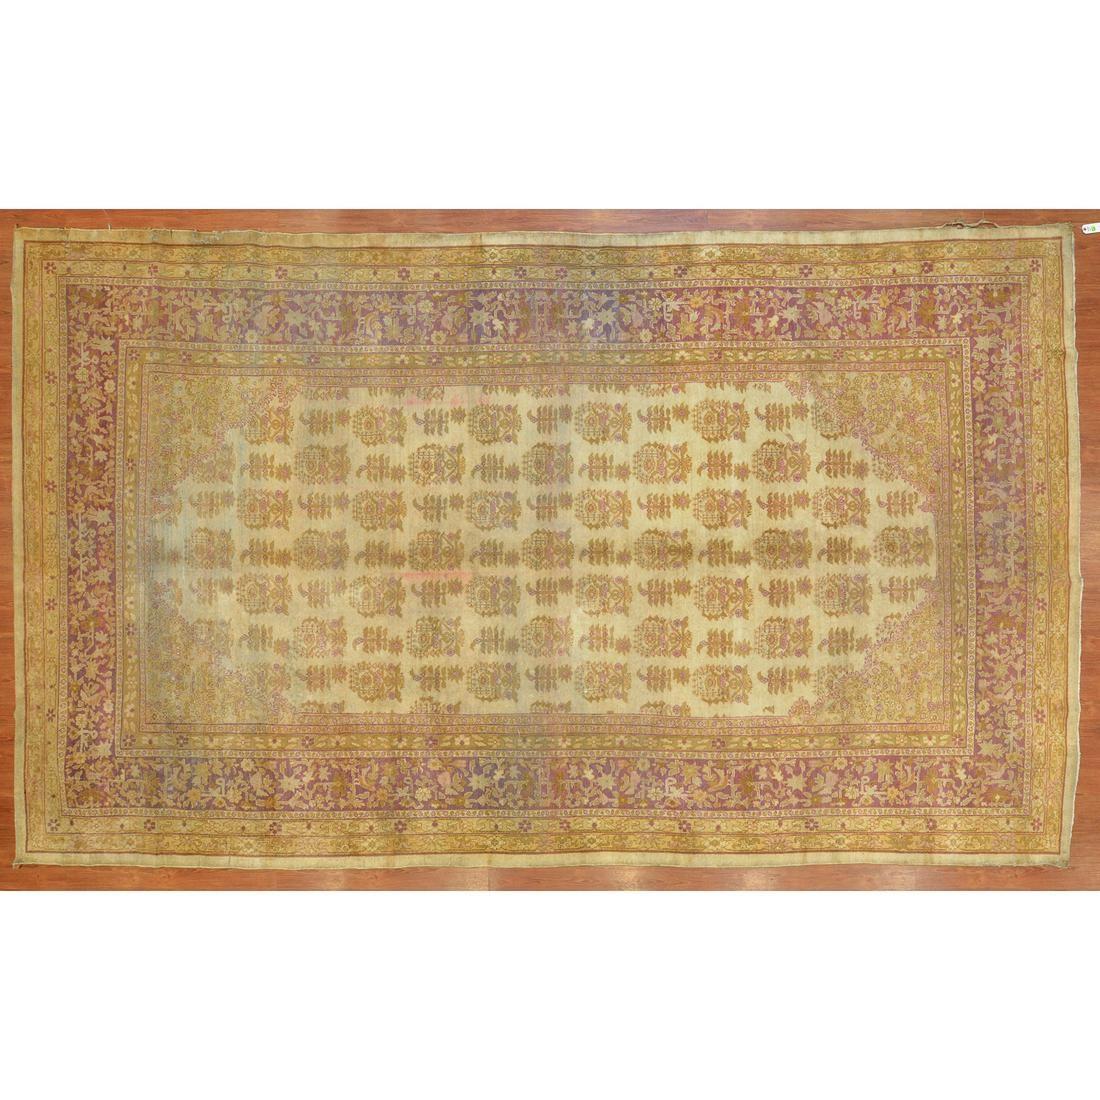 Antique Amritsar Rug, India, 8.10 x 15